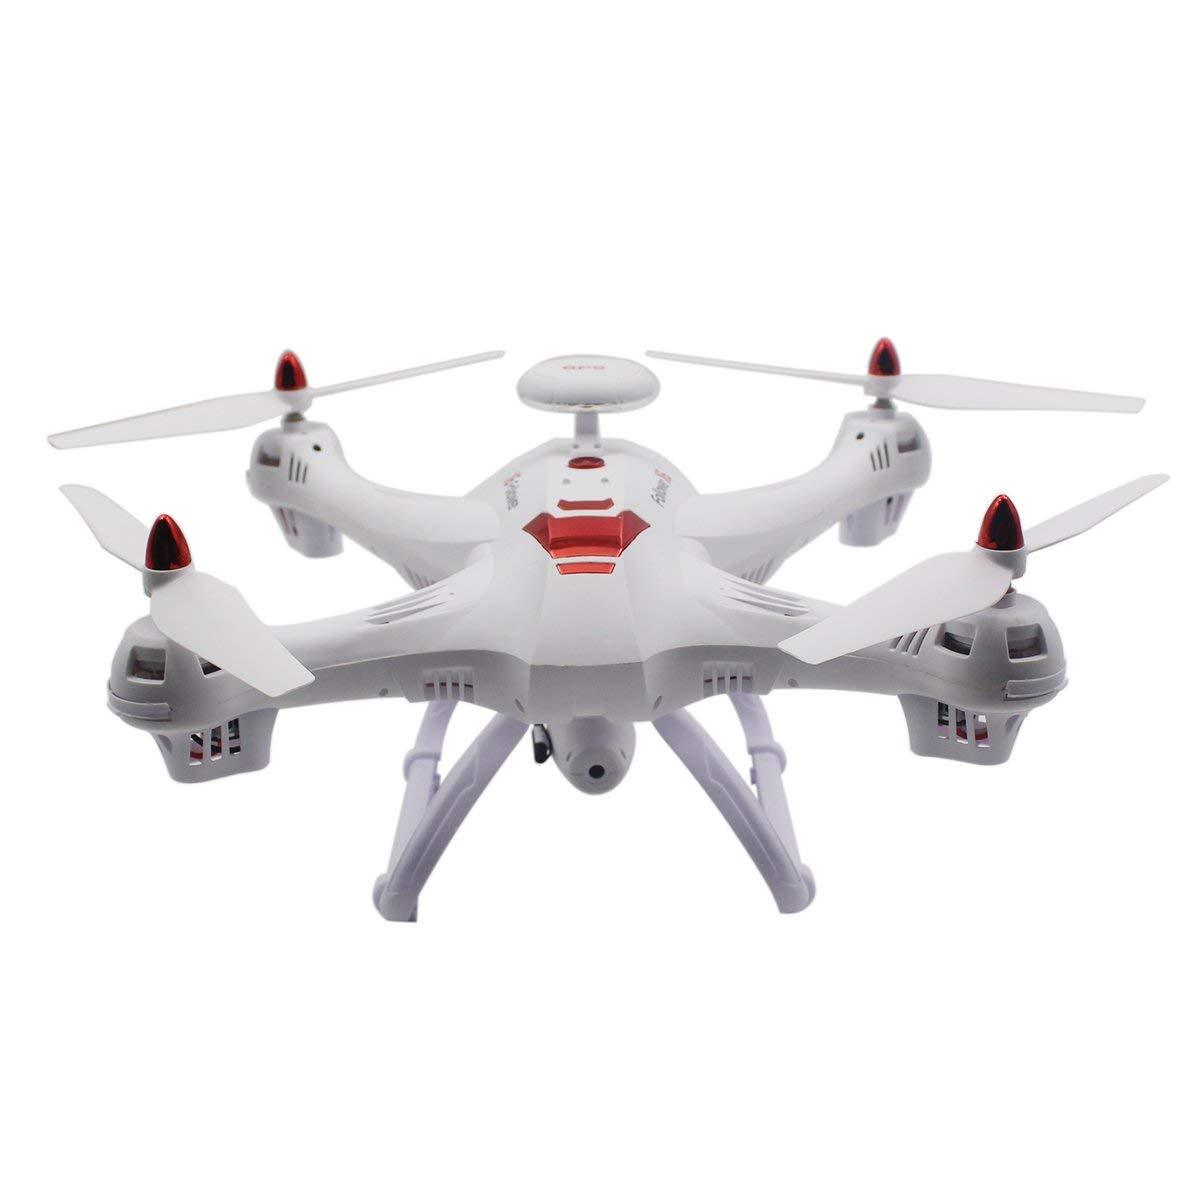 Gugutogo Drohne Mit Kamera Drohne X183 Professionelle Höhe Halten Dual GPS Quadrocopter mit 720P Kamera (weiß)